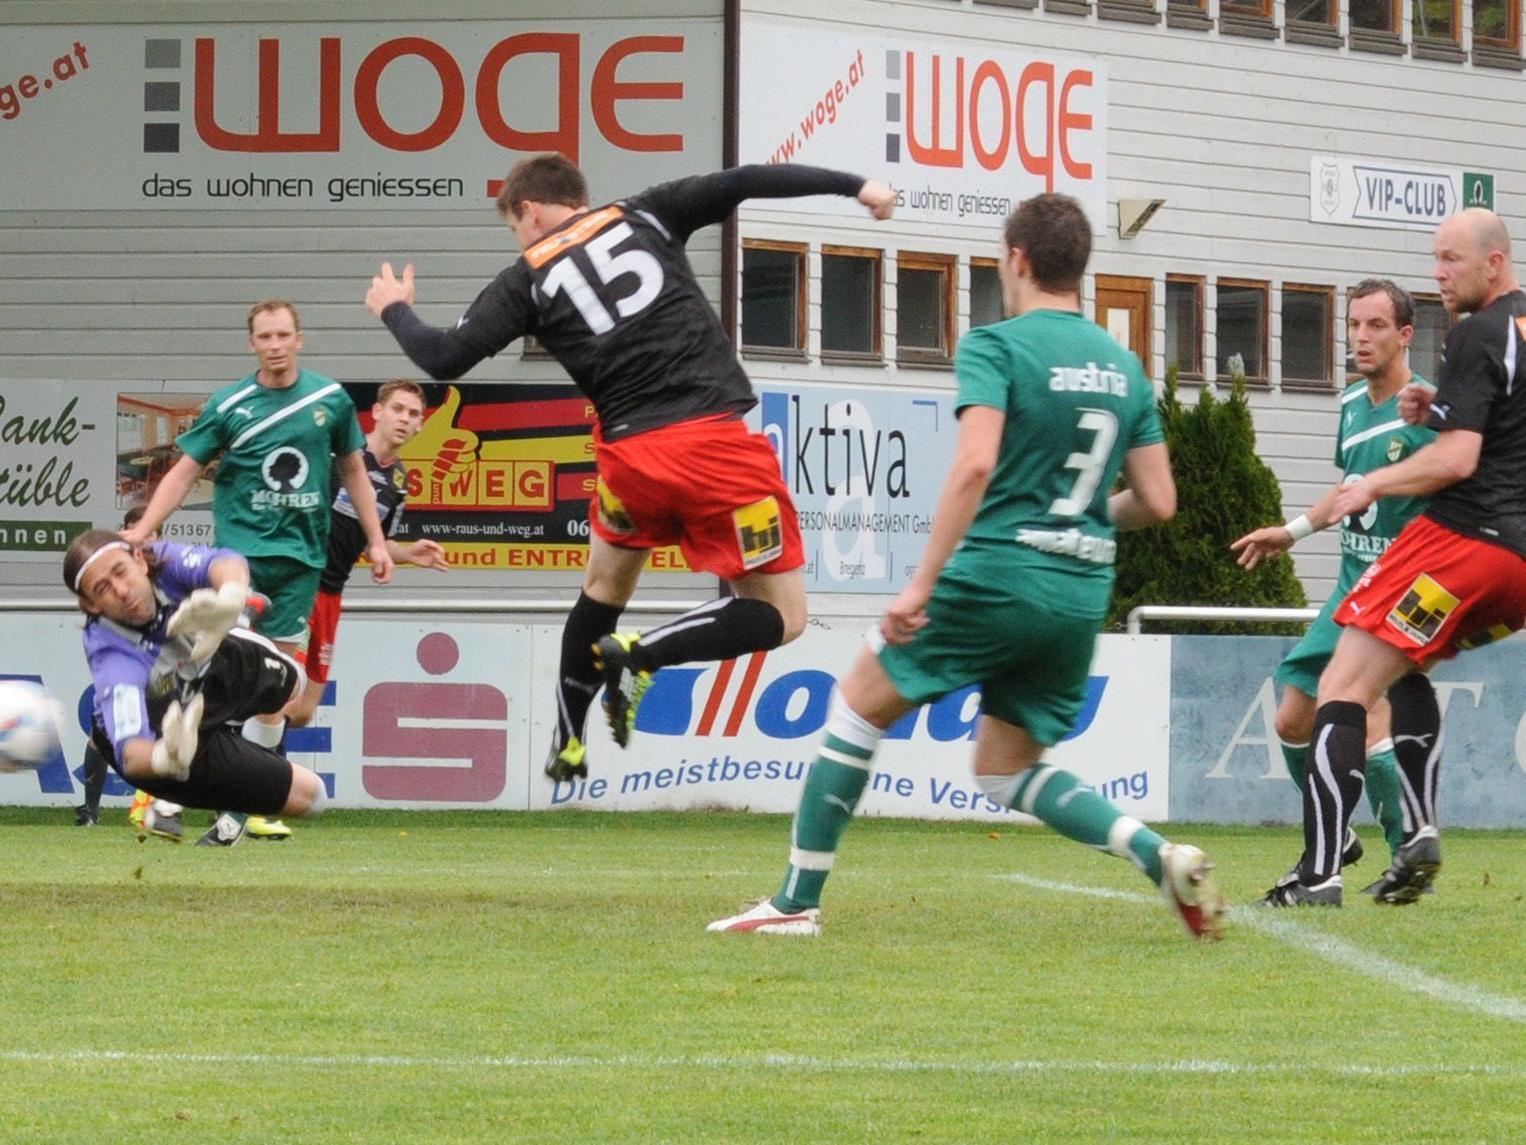 Mit seinem Fersler traf Clemens Fritsch unhaltbar zum 1:0 für die Viktortia Bregenz.